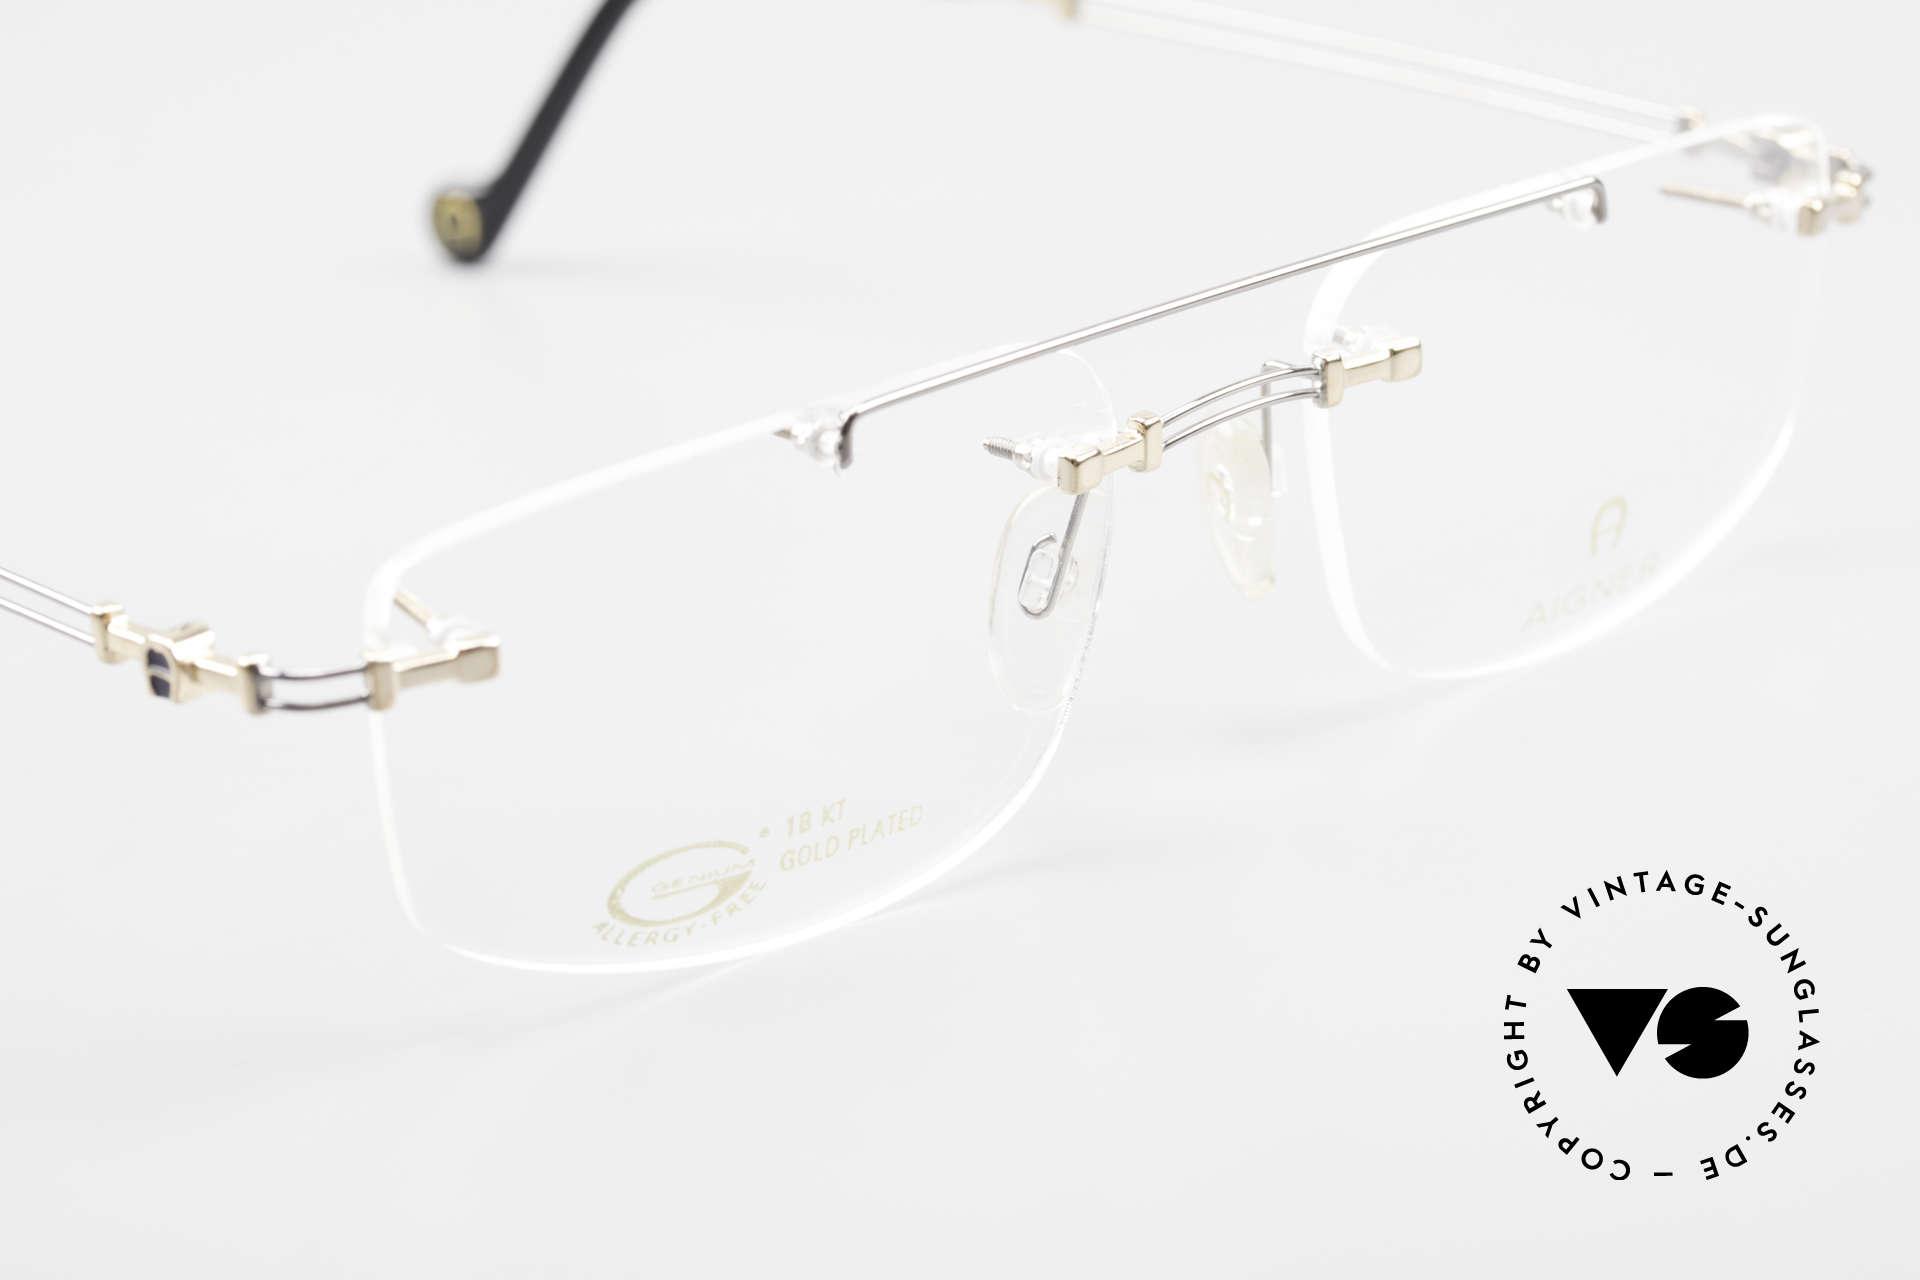 Aigner EA499 Randlose Vintage Brille Herren, KEINE RETROBRILLE, ein circa 25 Jahre altes ORIGINAL, Passend für Herren